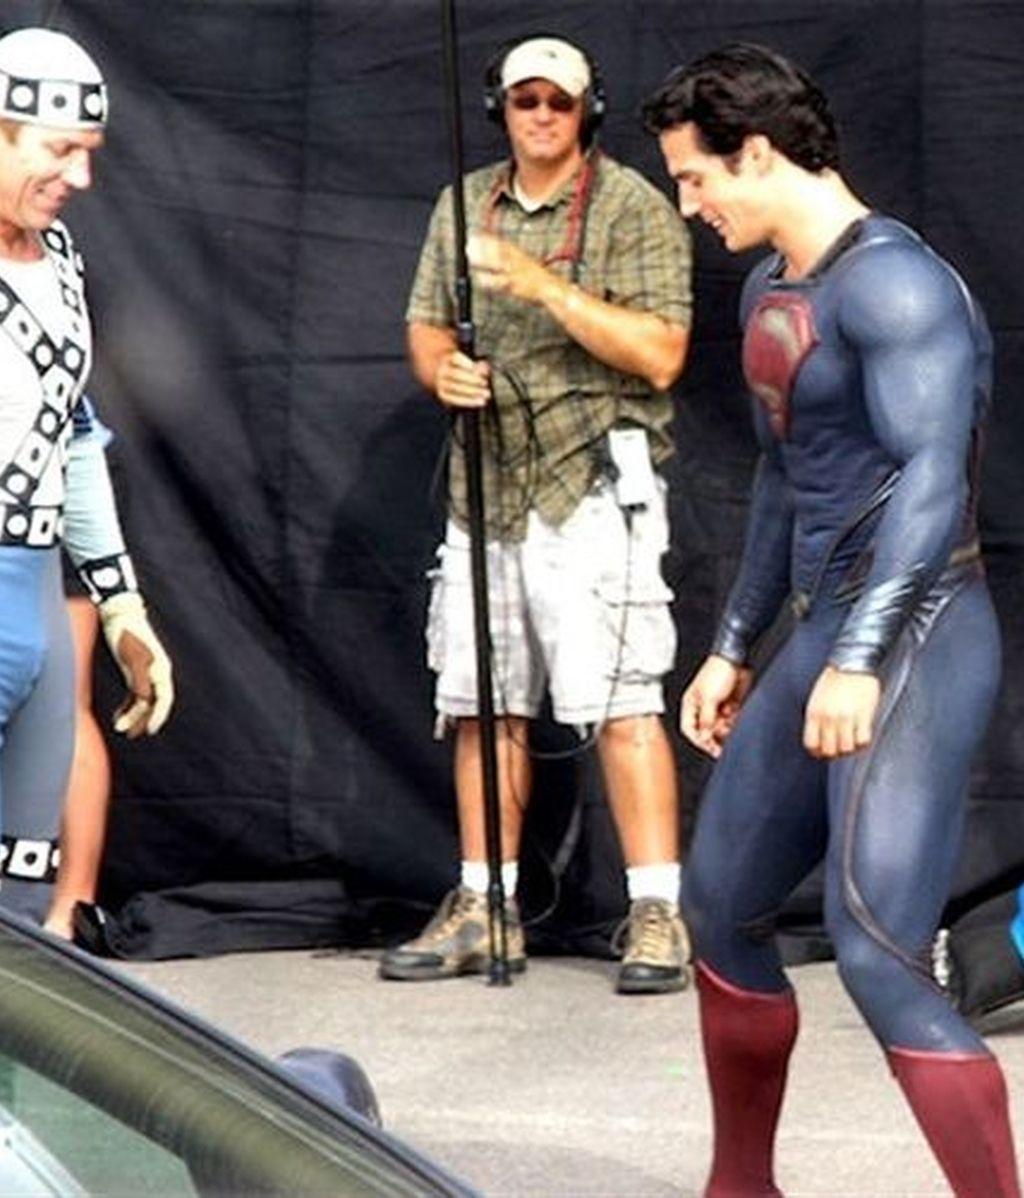 La nueva versión de Superman, el hombre de acero, se rueda en Illinois. Al mítico superhéroe le han quitado los calzones rojos para modernizar su estética.